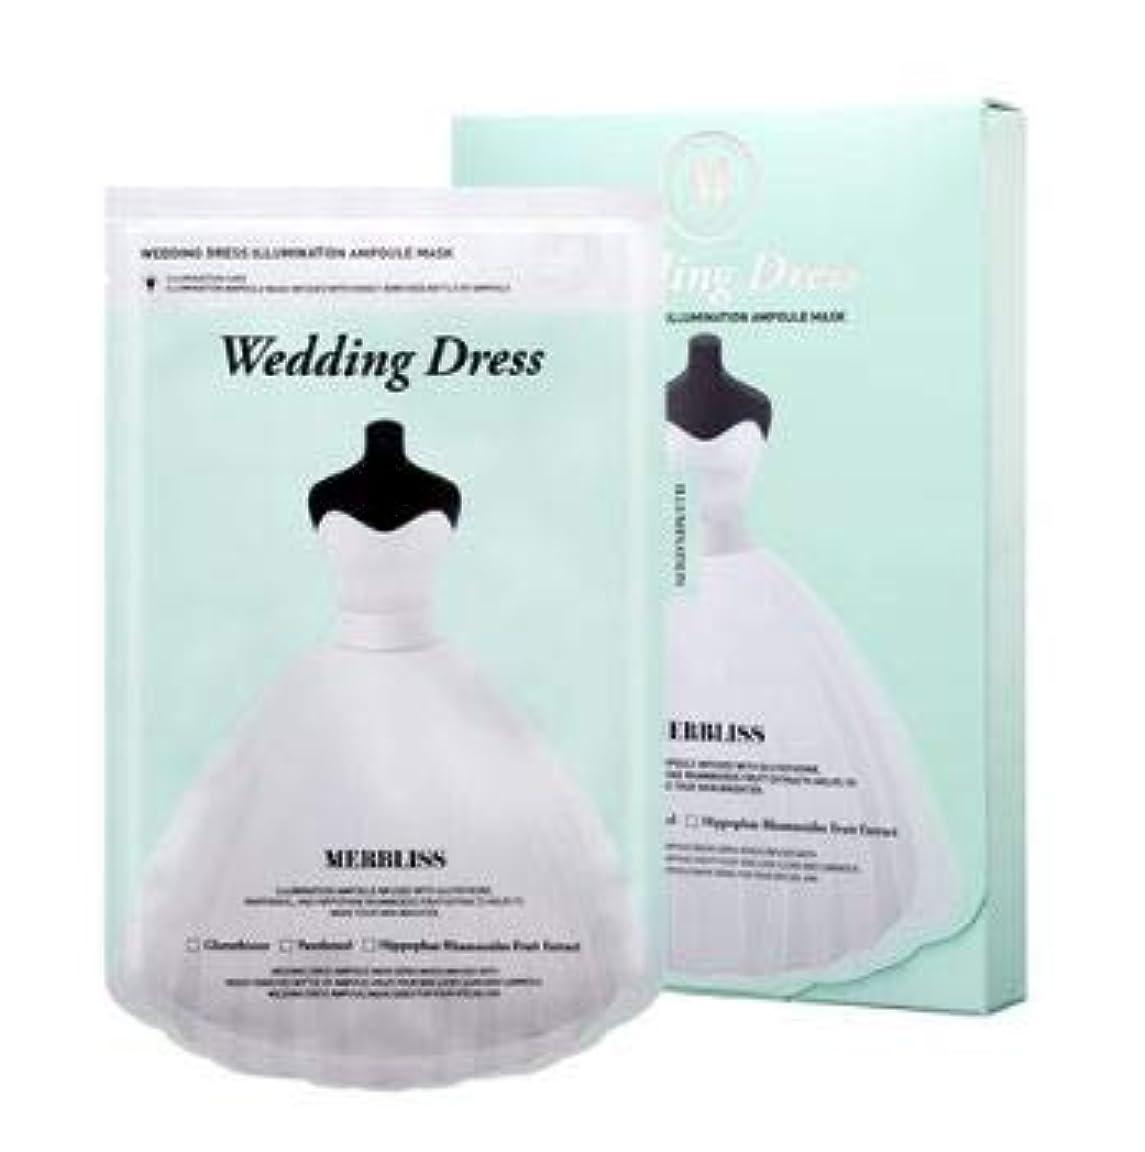 本能正規化見通し[Merbliss] Wedding Dress Illumination Ampoule Mask 25gx5ea /ウェディングドレスイルミネーションアンプルマスク25gx5枚 [並行輸入品]